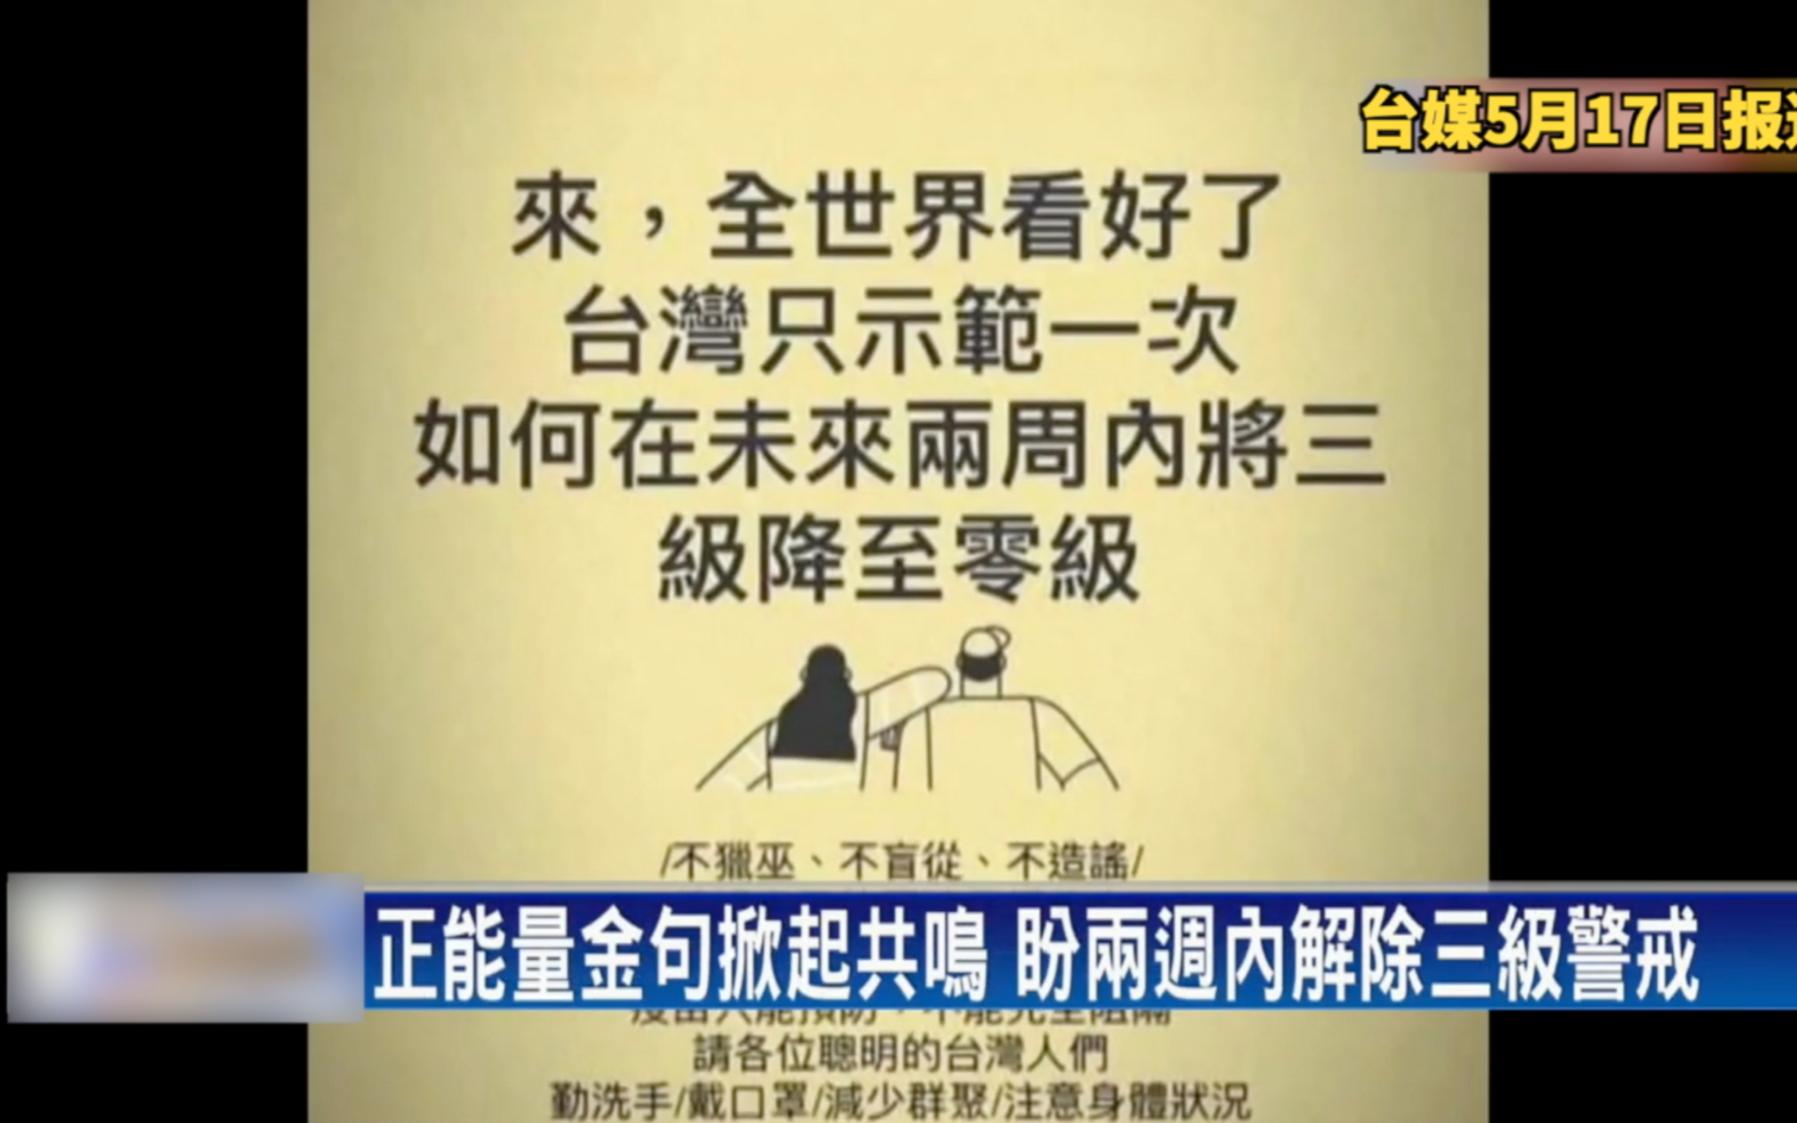 就这?两周期限已到,台湾连续14天新增确诊超百